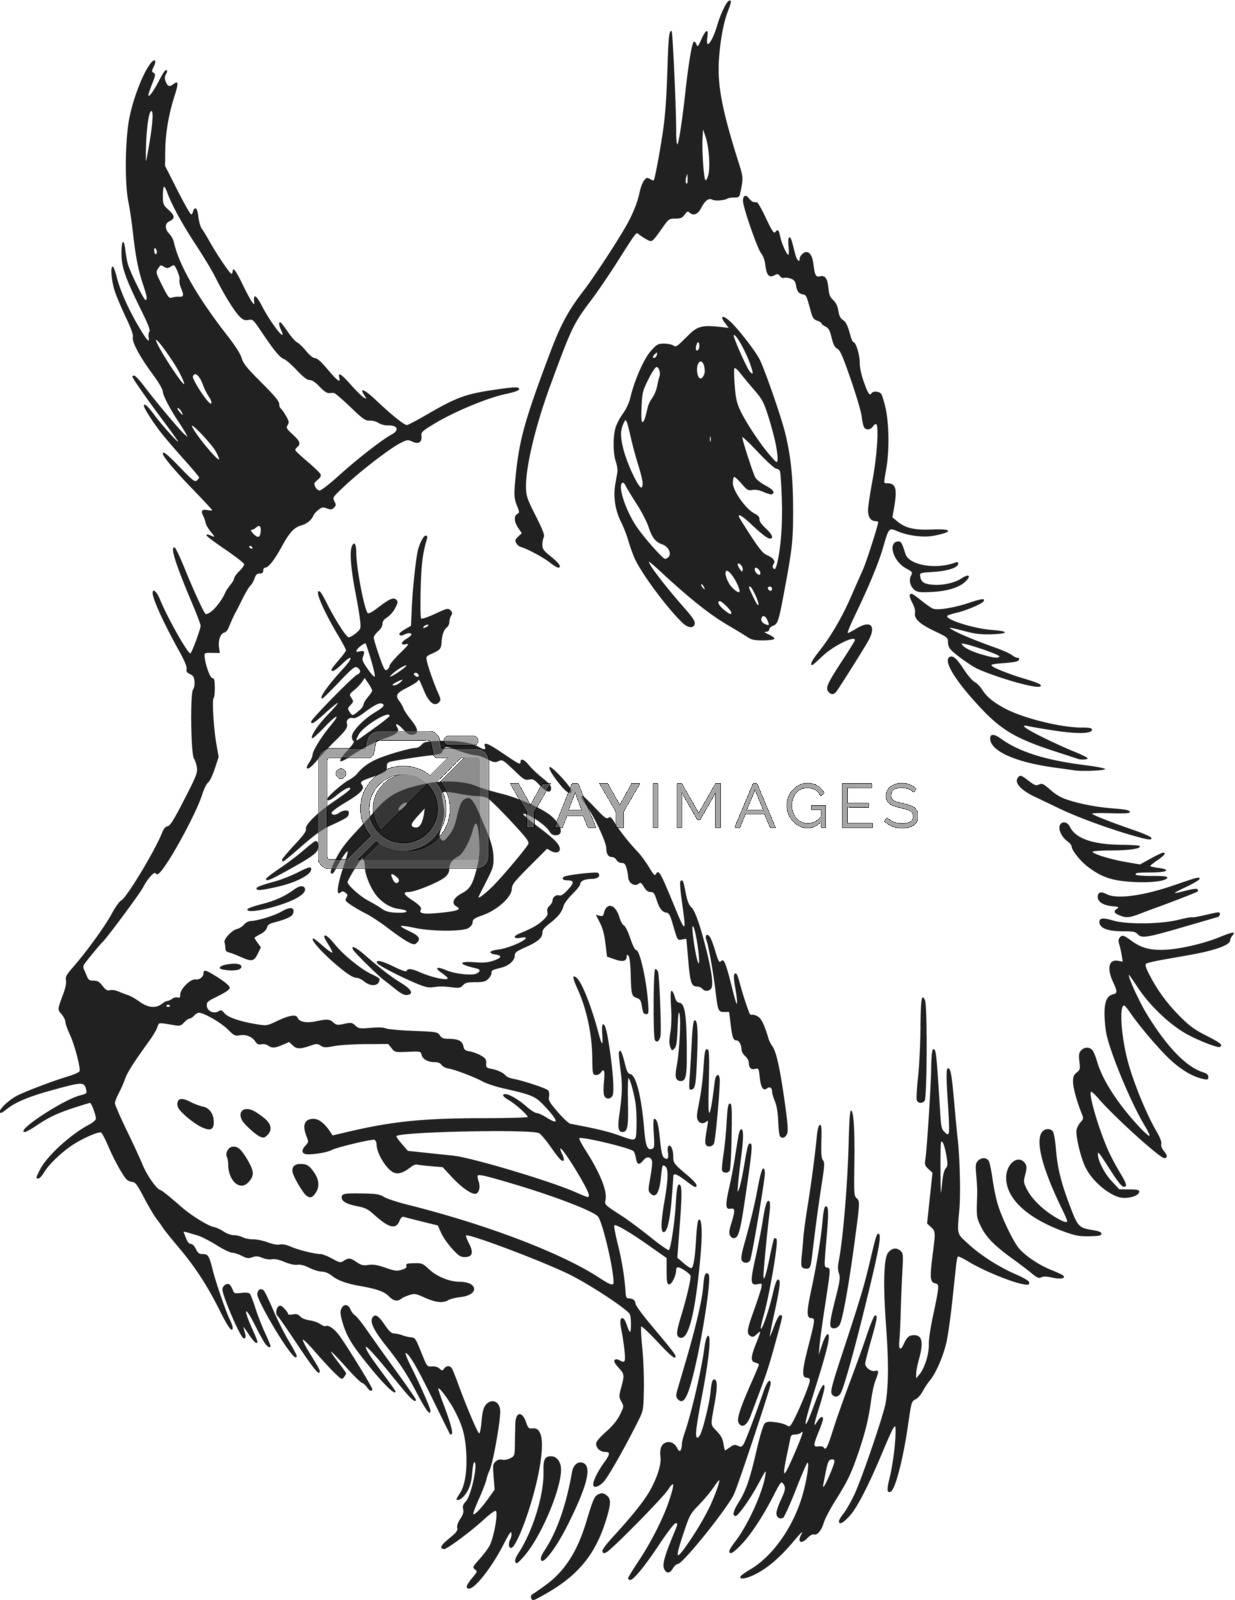 hand drawn, sketch, cartoon illustration of lynx